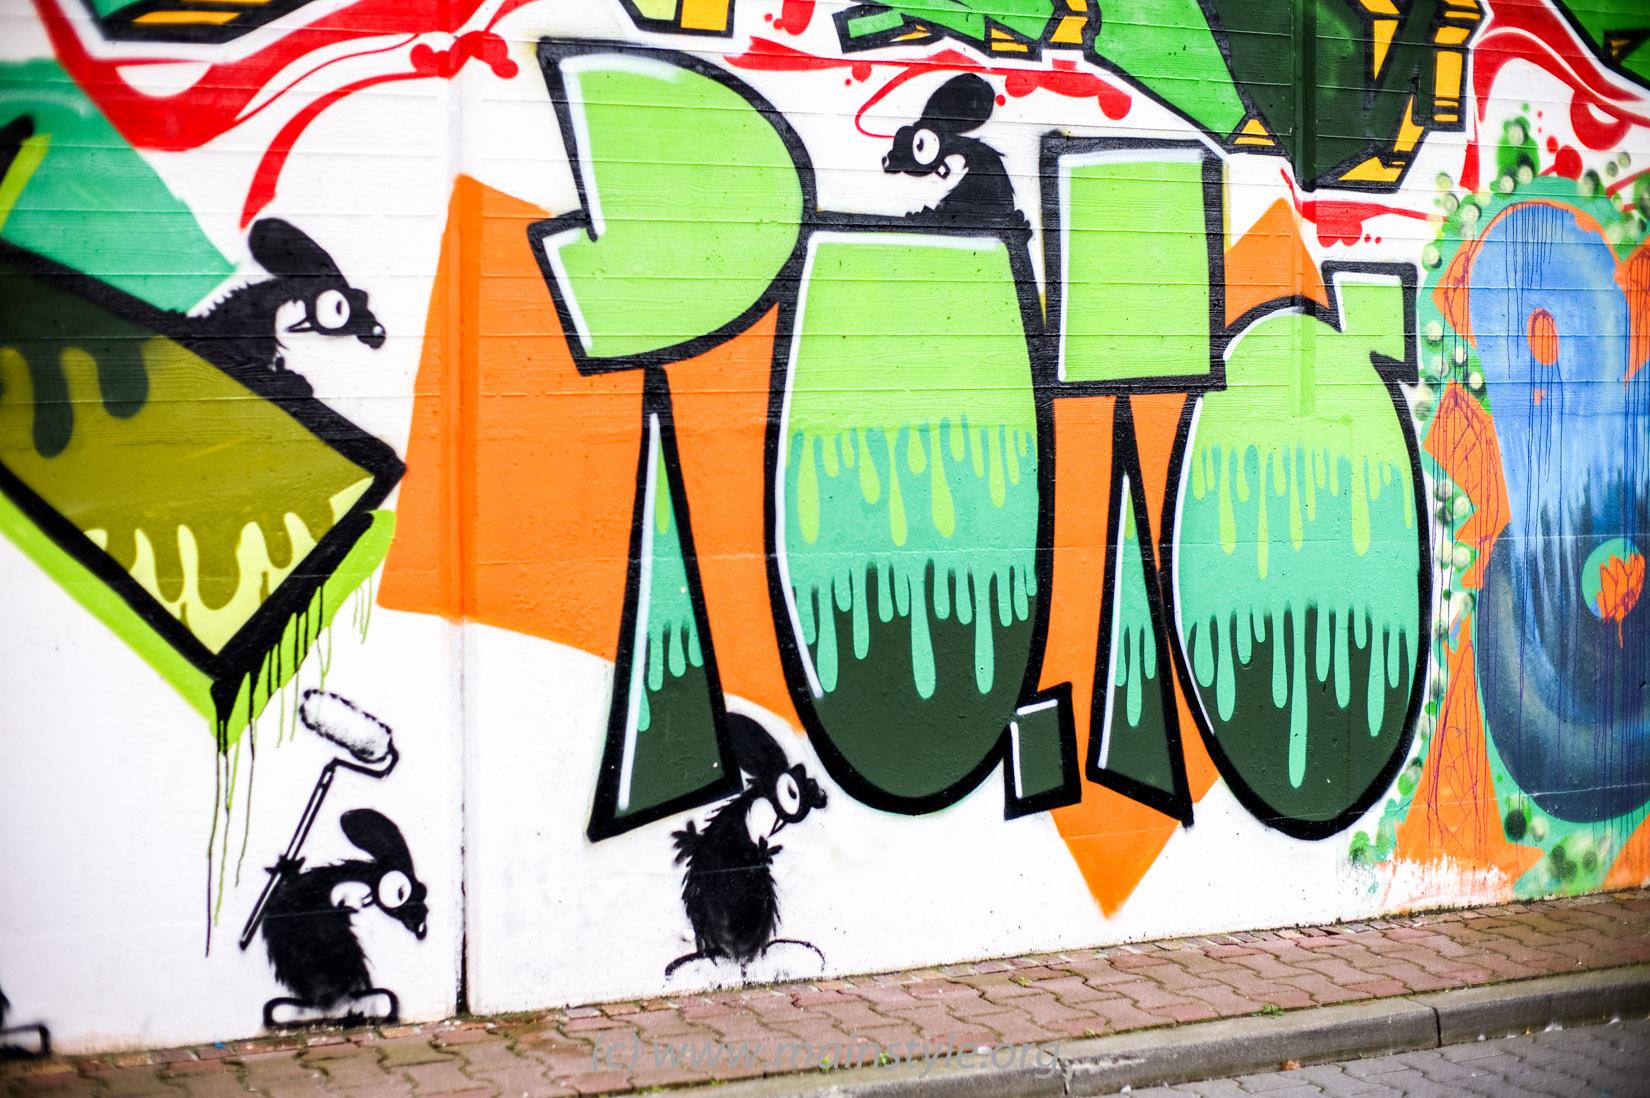 Frankfurt-Höchst_Graffiti_Süwag-Wall_2012 (27 von 35)